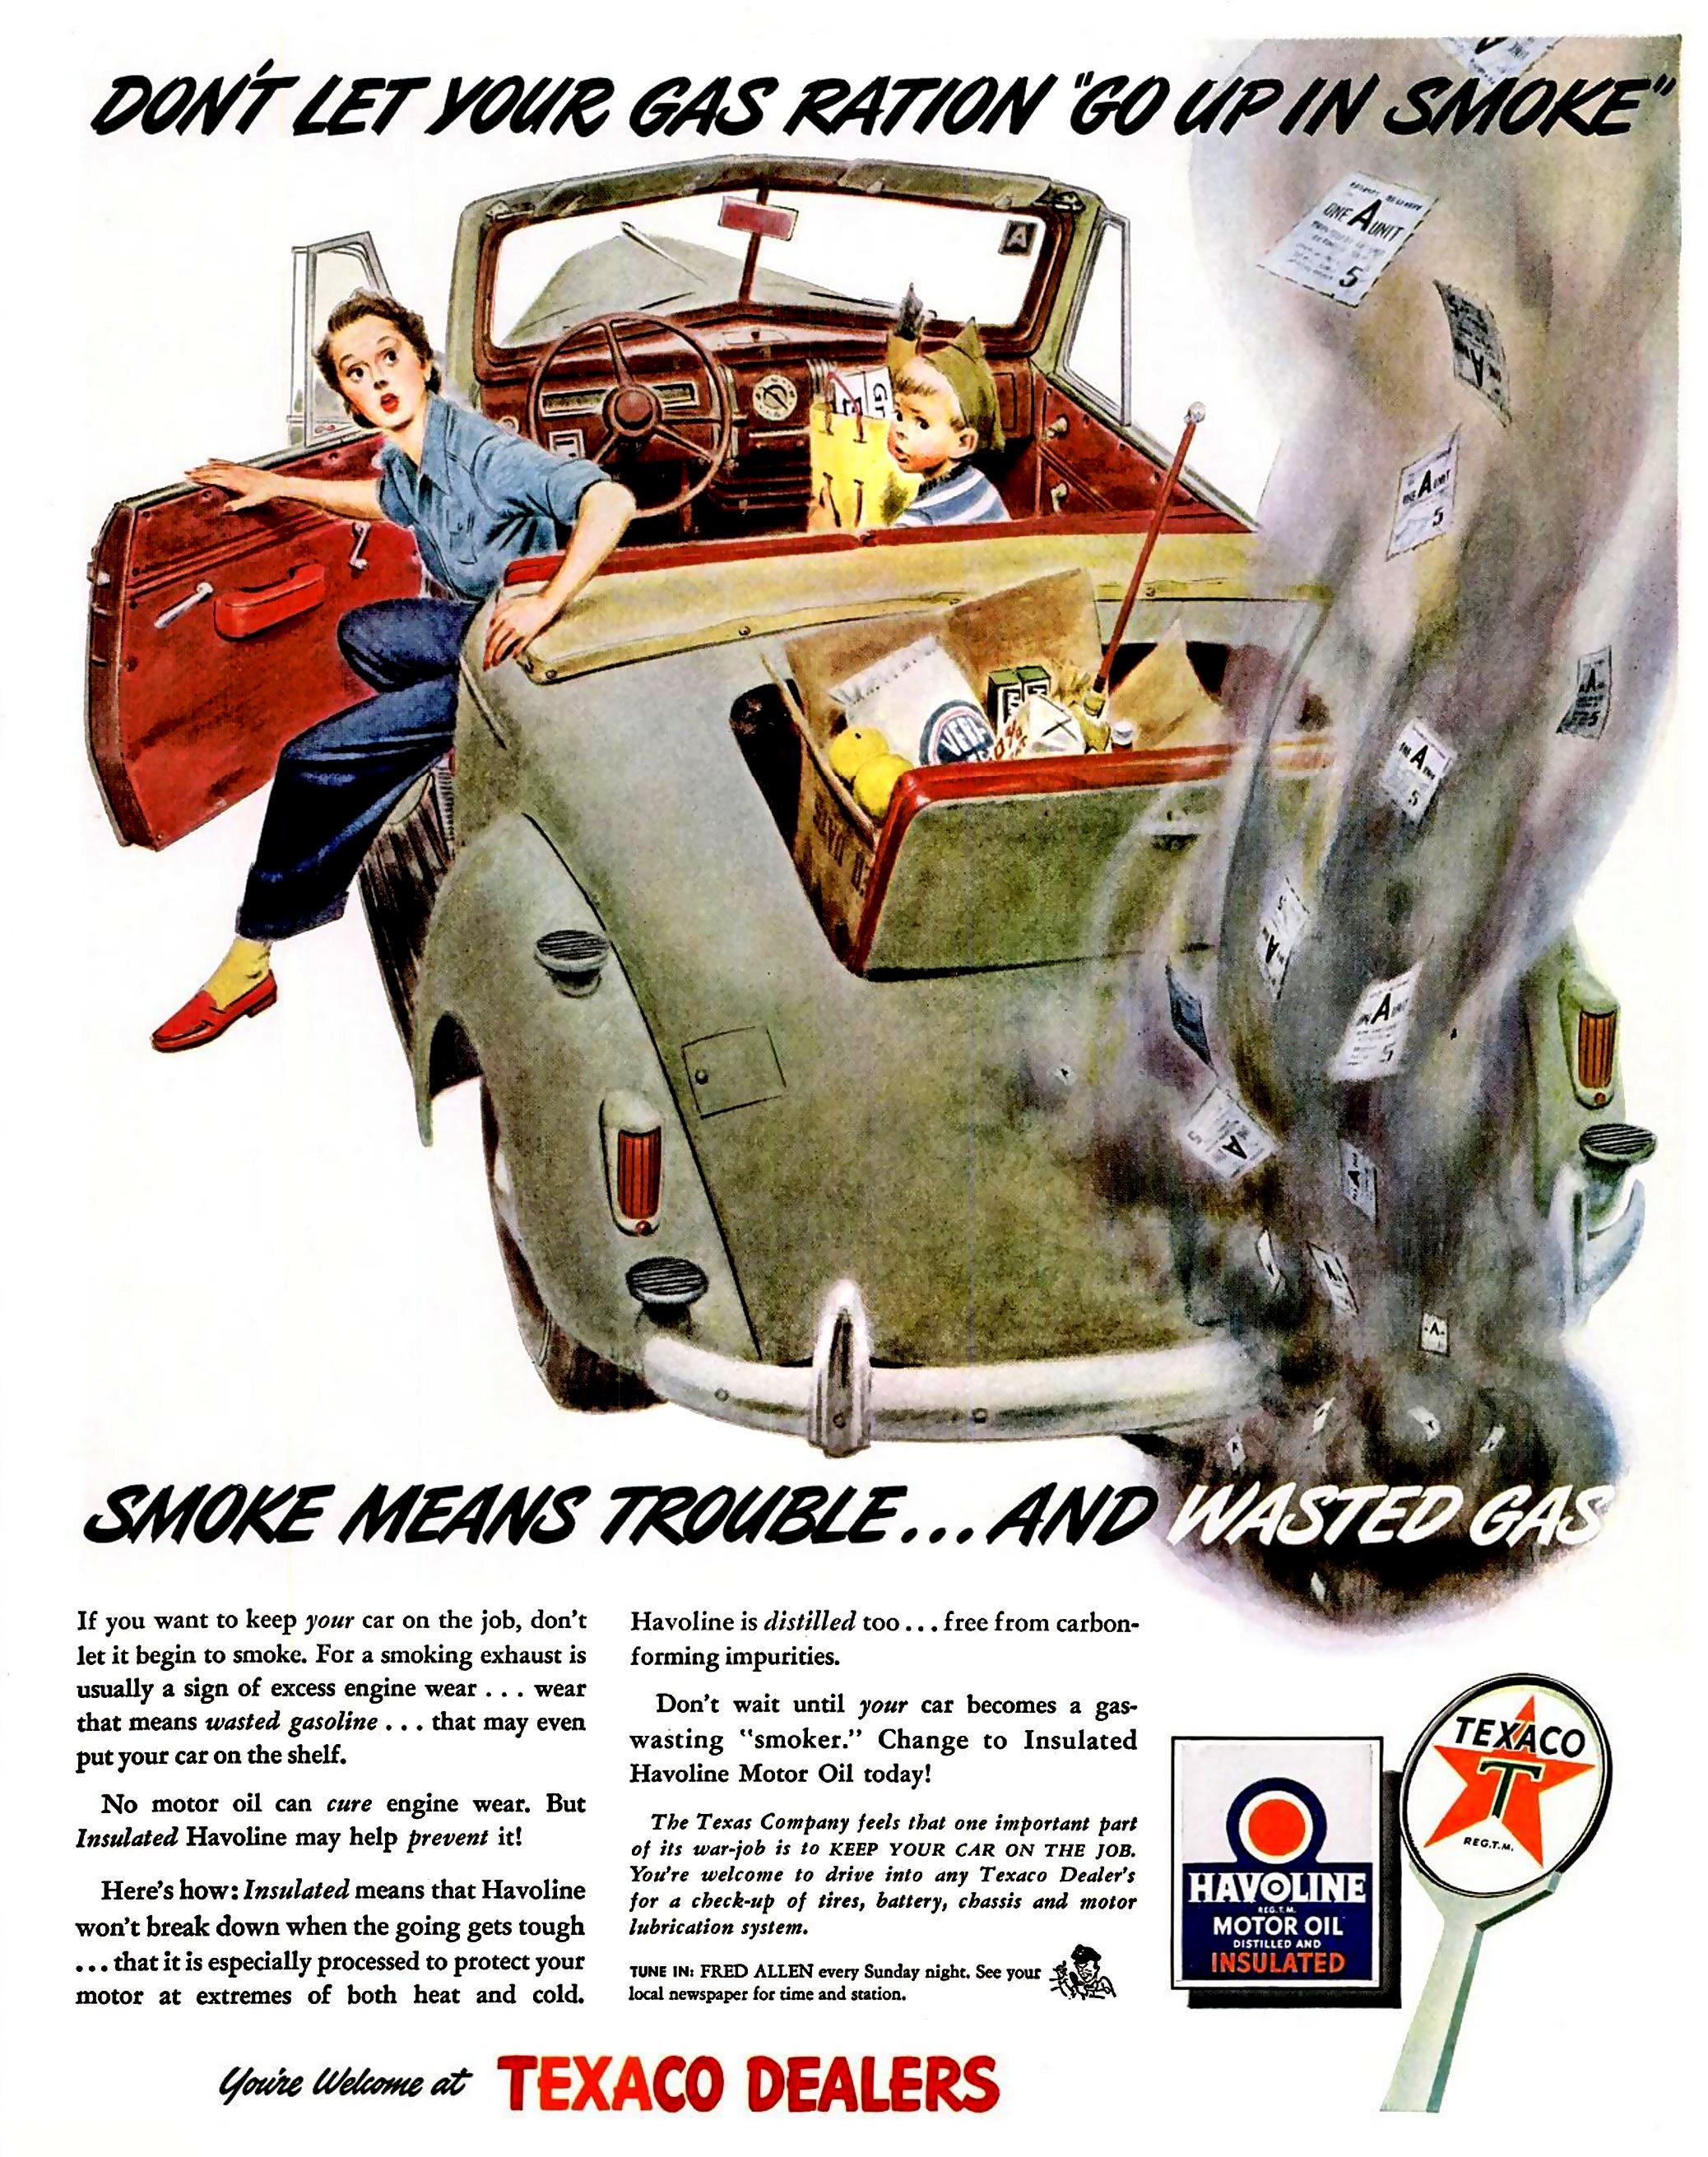 Texaco Havoline Motor Oil - 1943